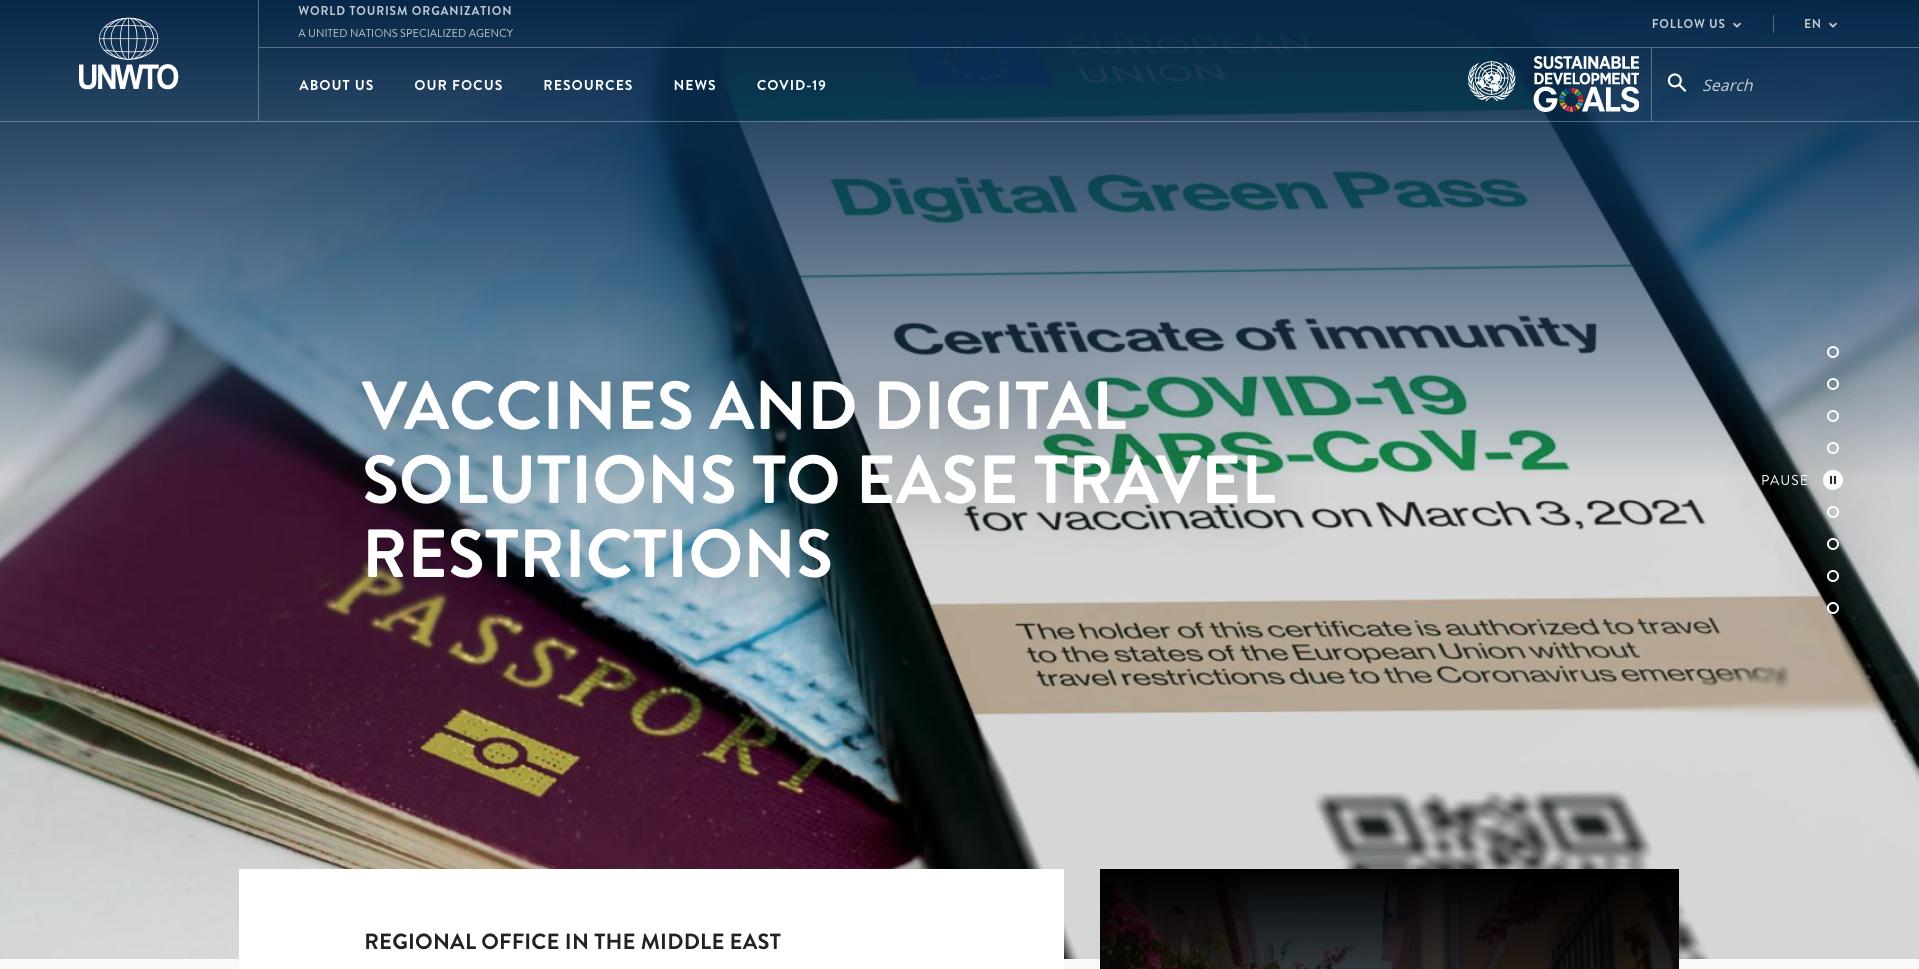 Diseño y desarrollo web para UNTWO - Creación de Sitios Web